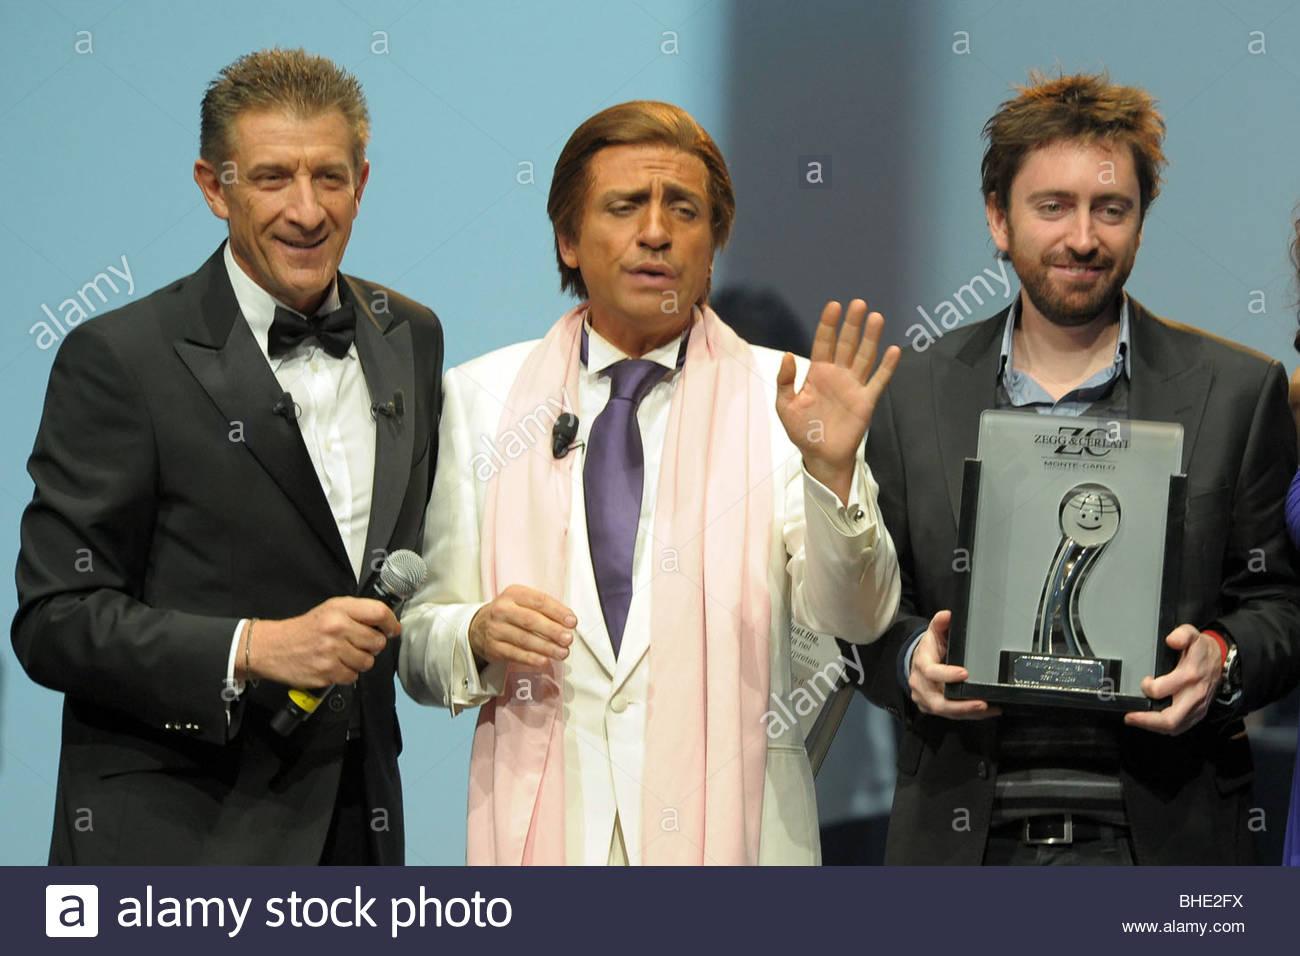 ezio greggio, dario ballantini, daniel sanchez arevalo, montecarlo film festival de la comedie - Stock Image